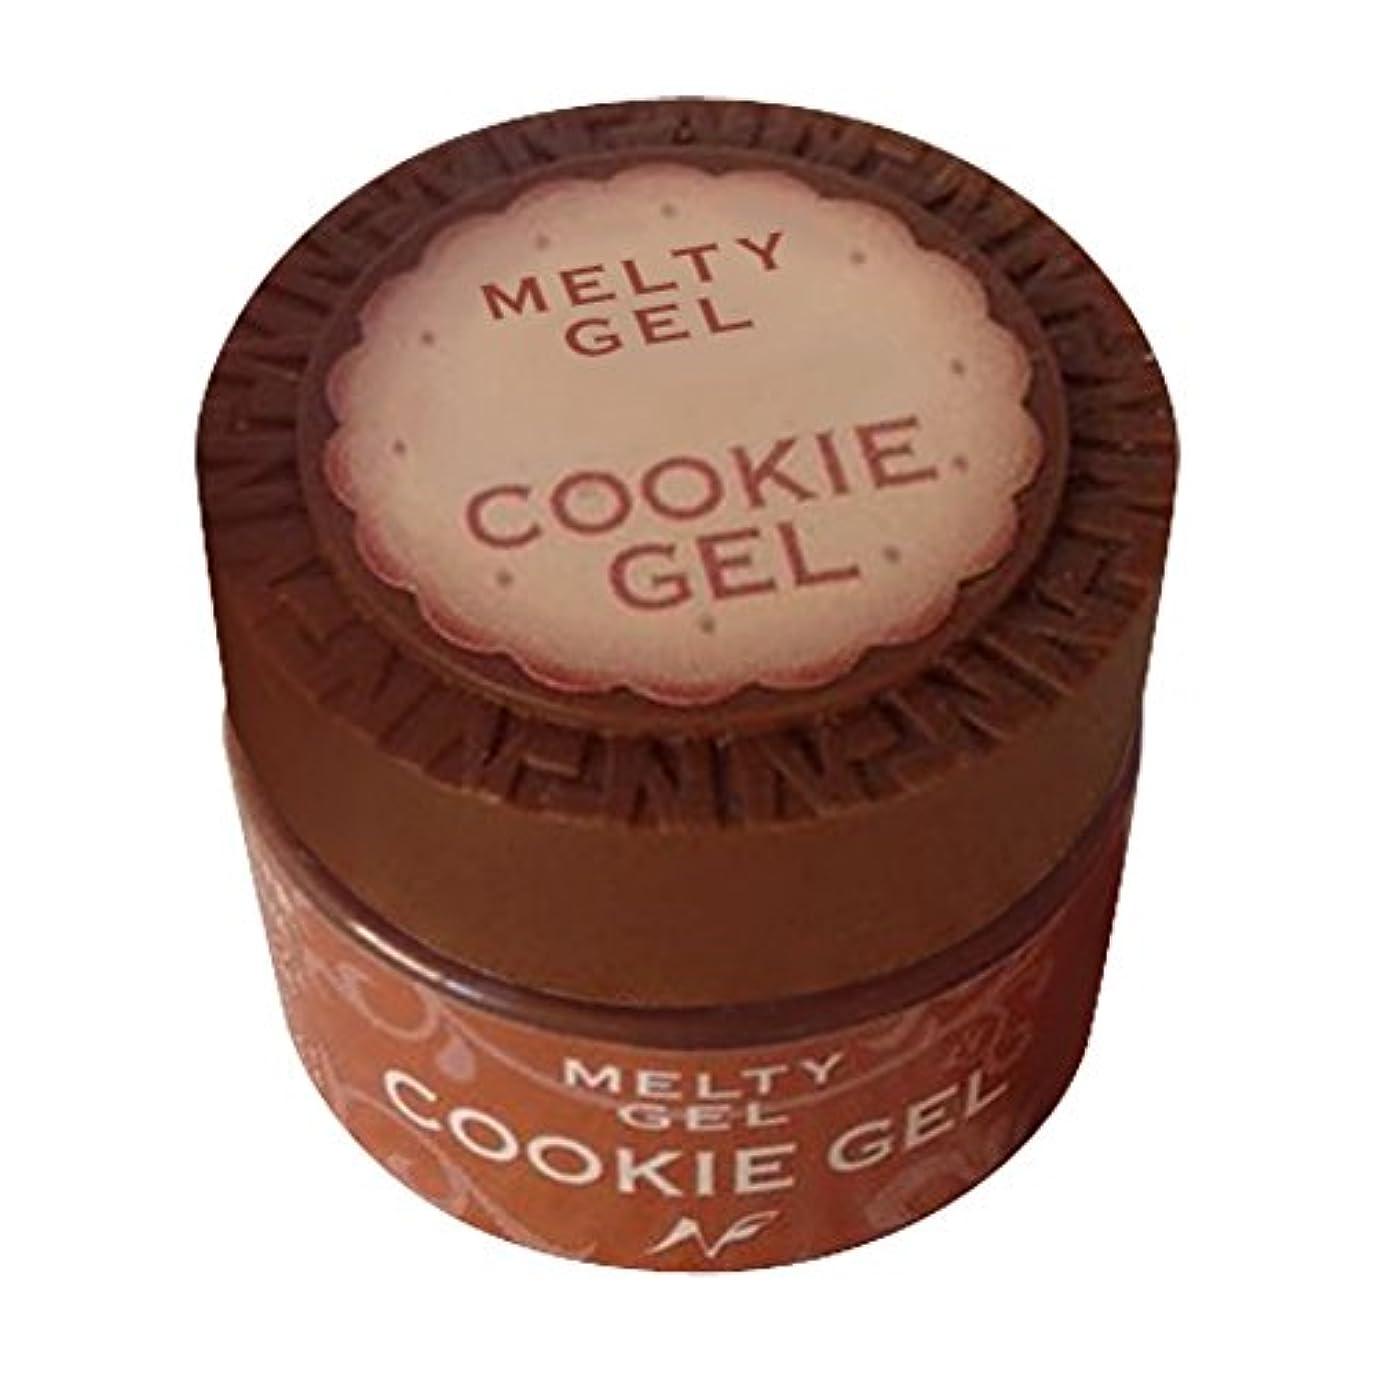 成分帝国主義重要な役割を果たす、中心的な手段となるNatural Field Melty Gel クッキージェル 3909イエローグリーン 5g